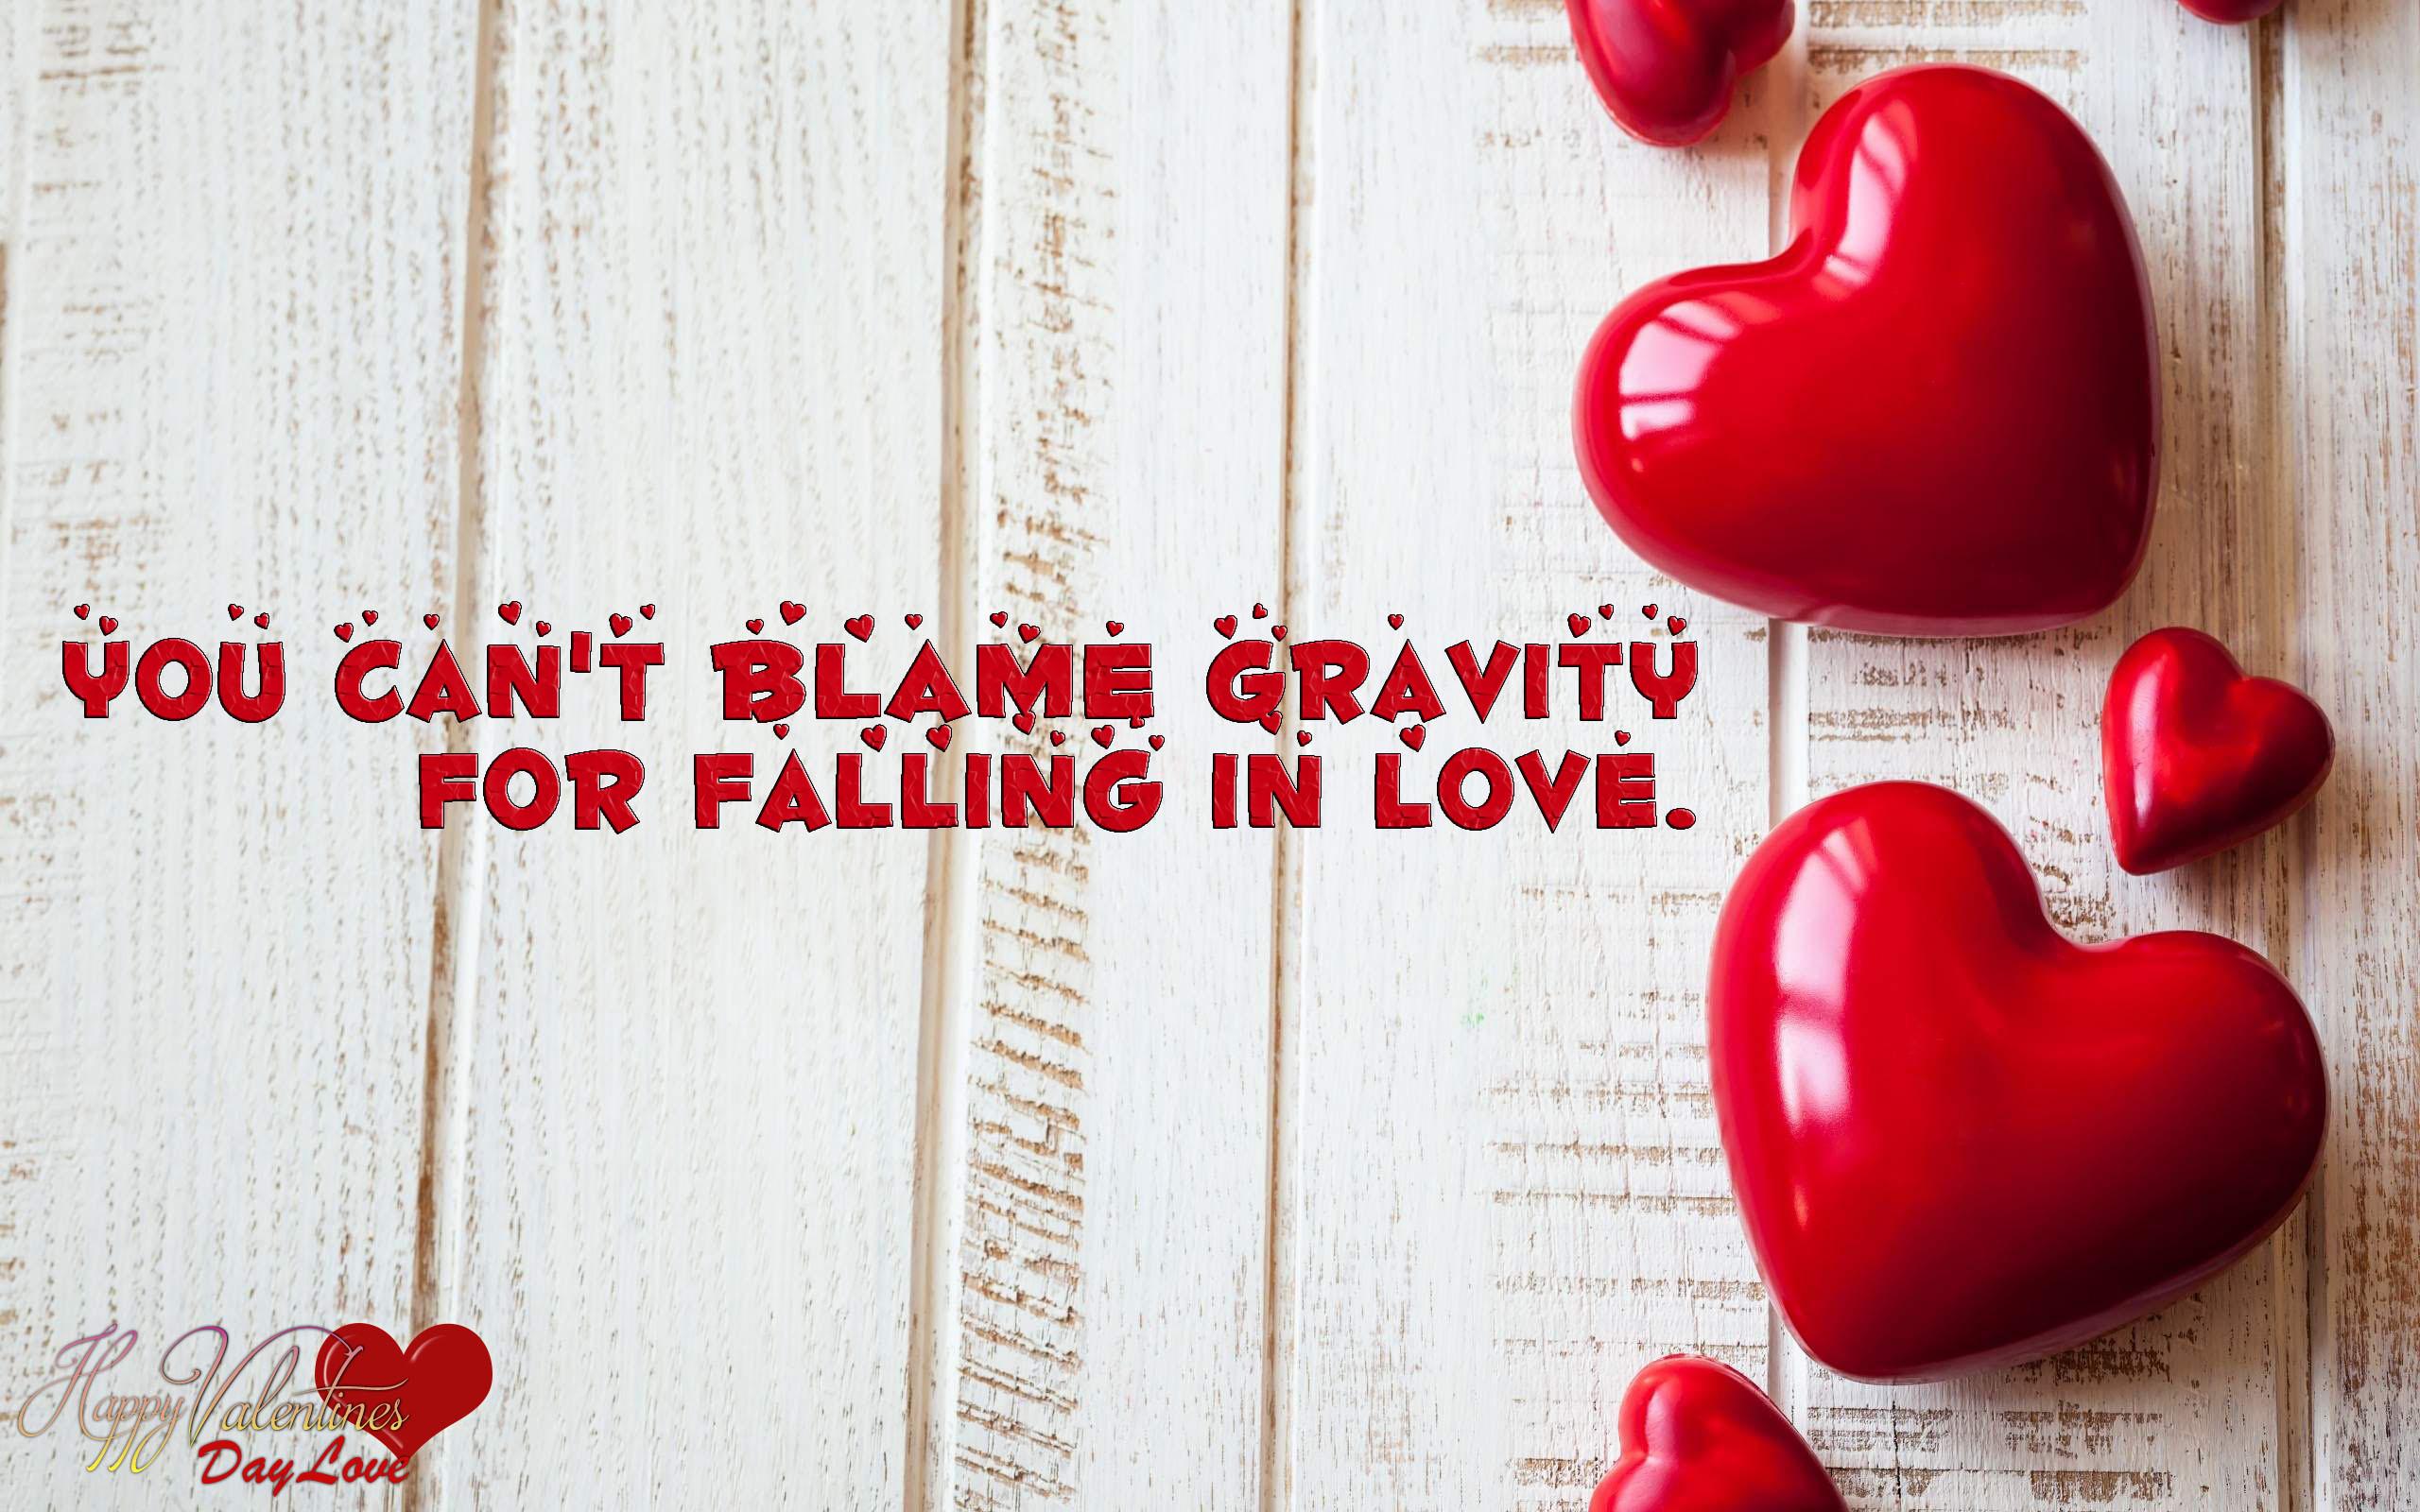 Guy valentines day